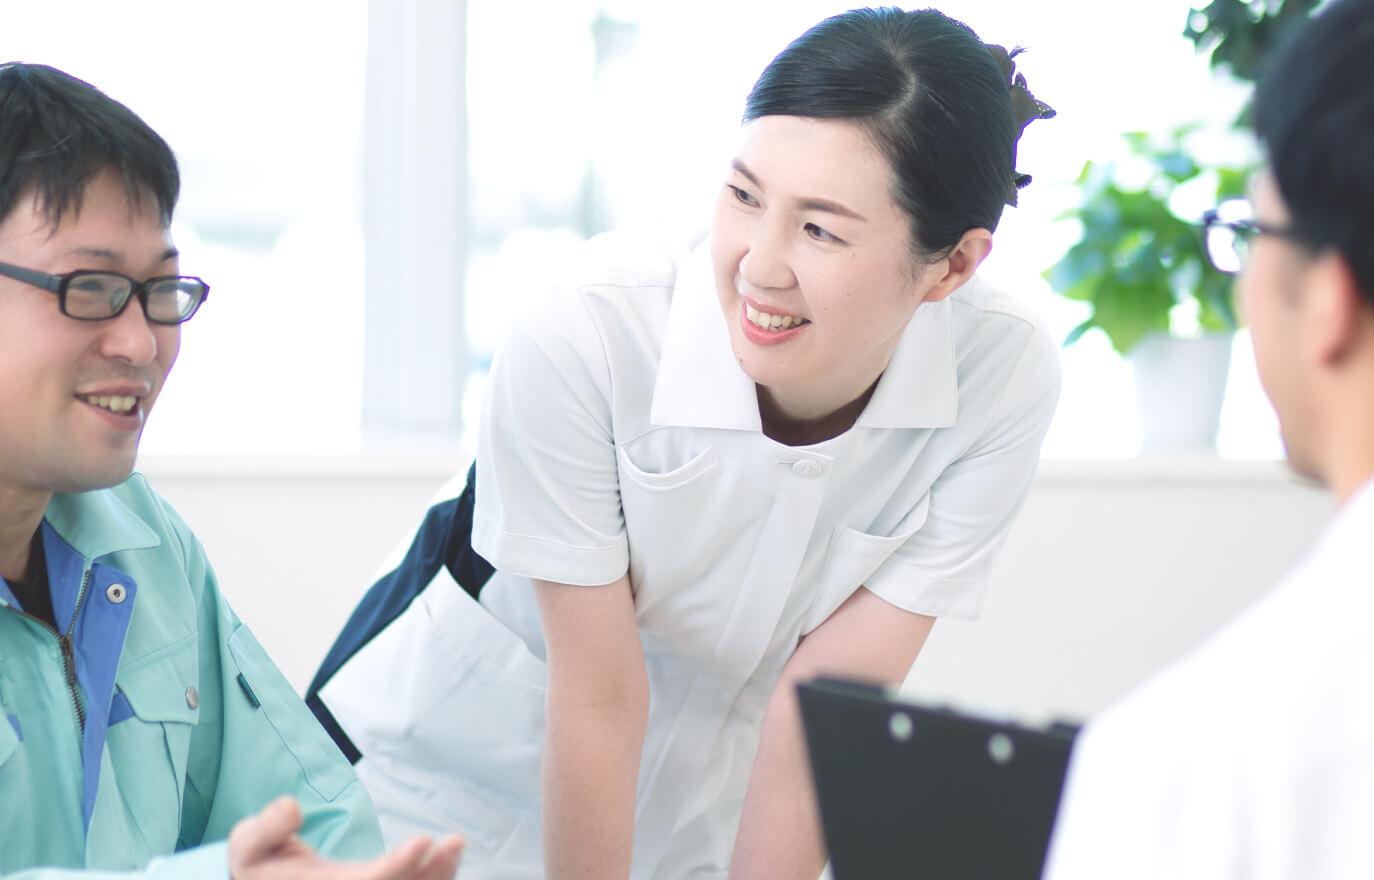 「地域の笑顔を守りたい」中央クリニック 内科、歯科、健診